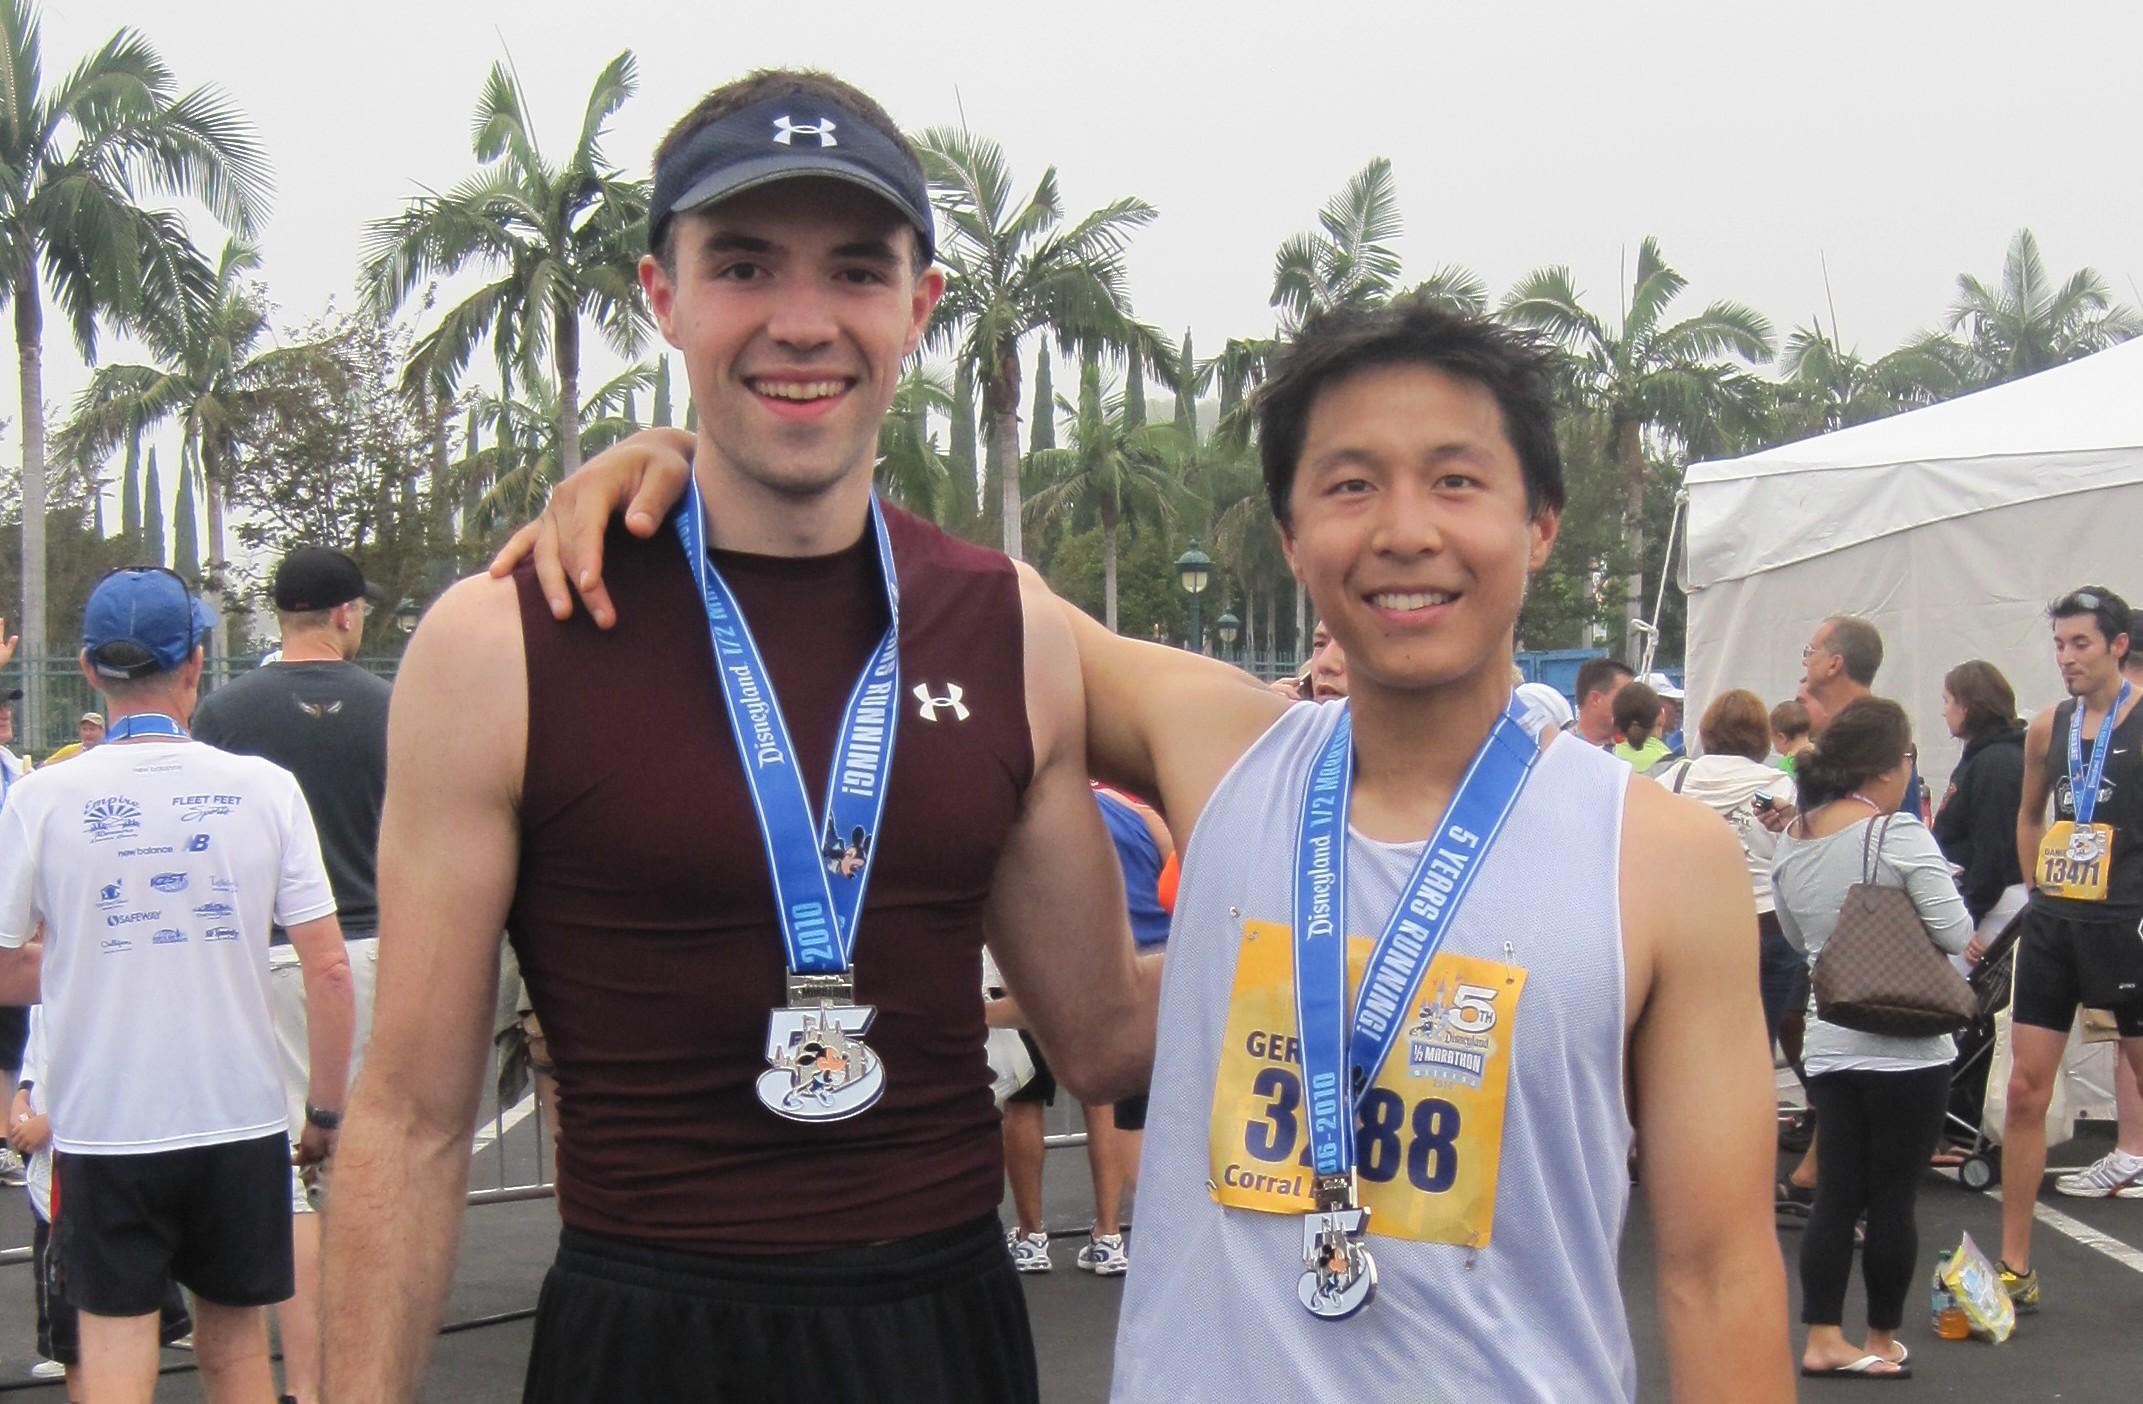 Best Beach Marathons